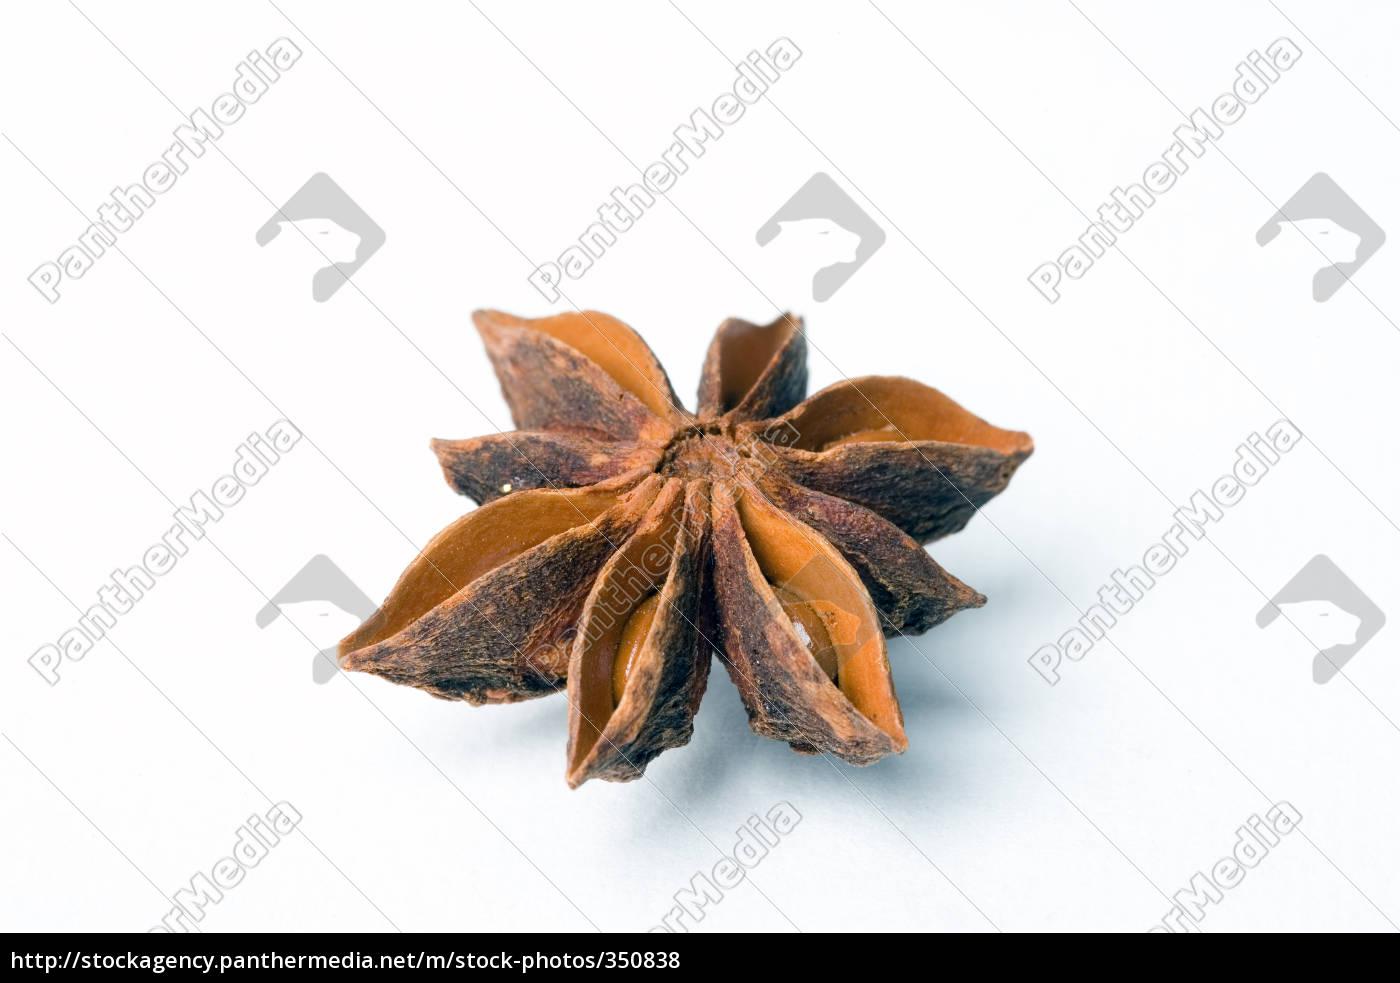 star, anise - 350838